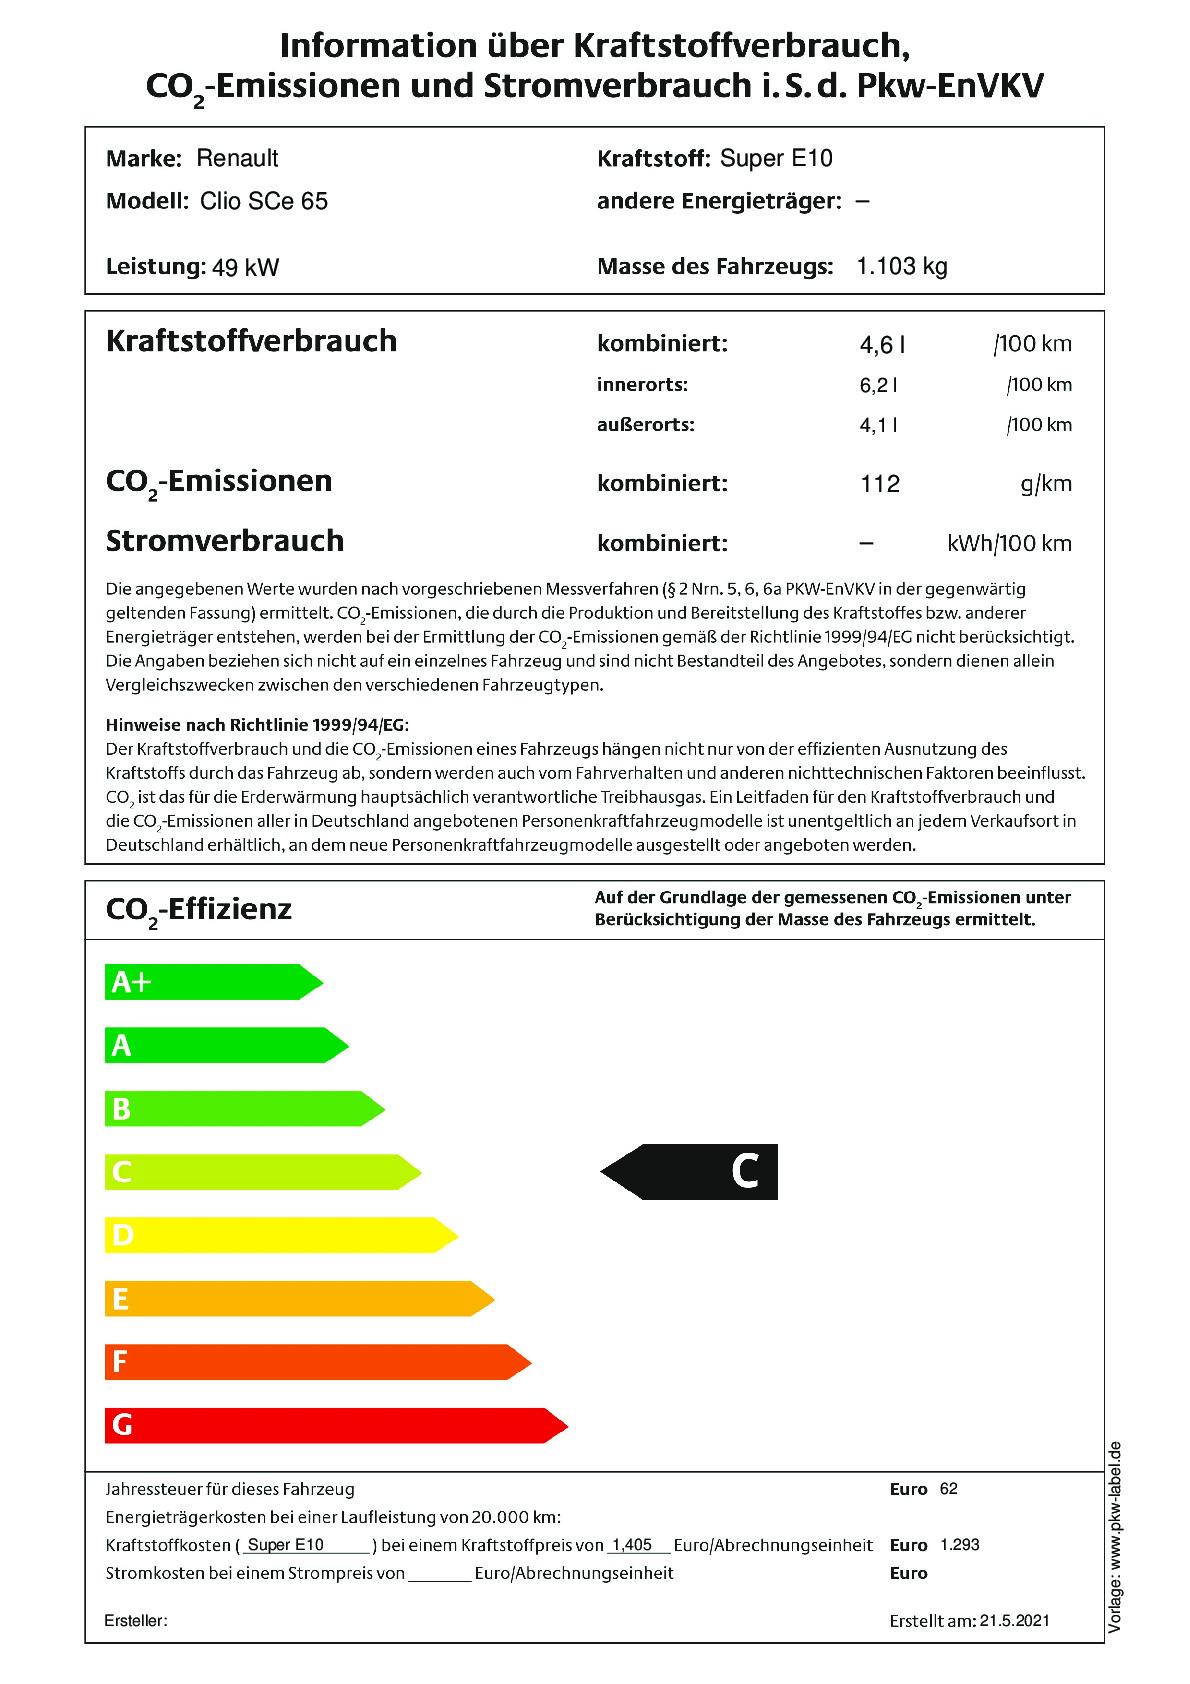 Energielabel SCe 65